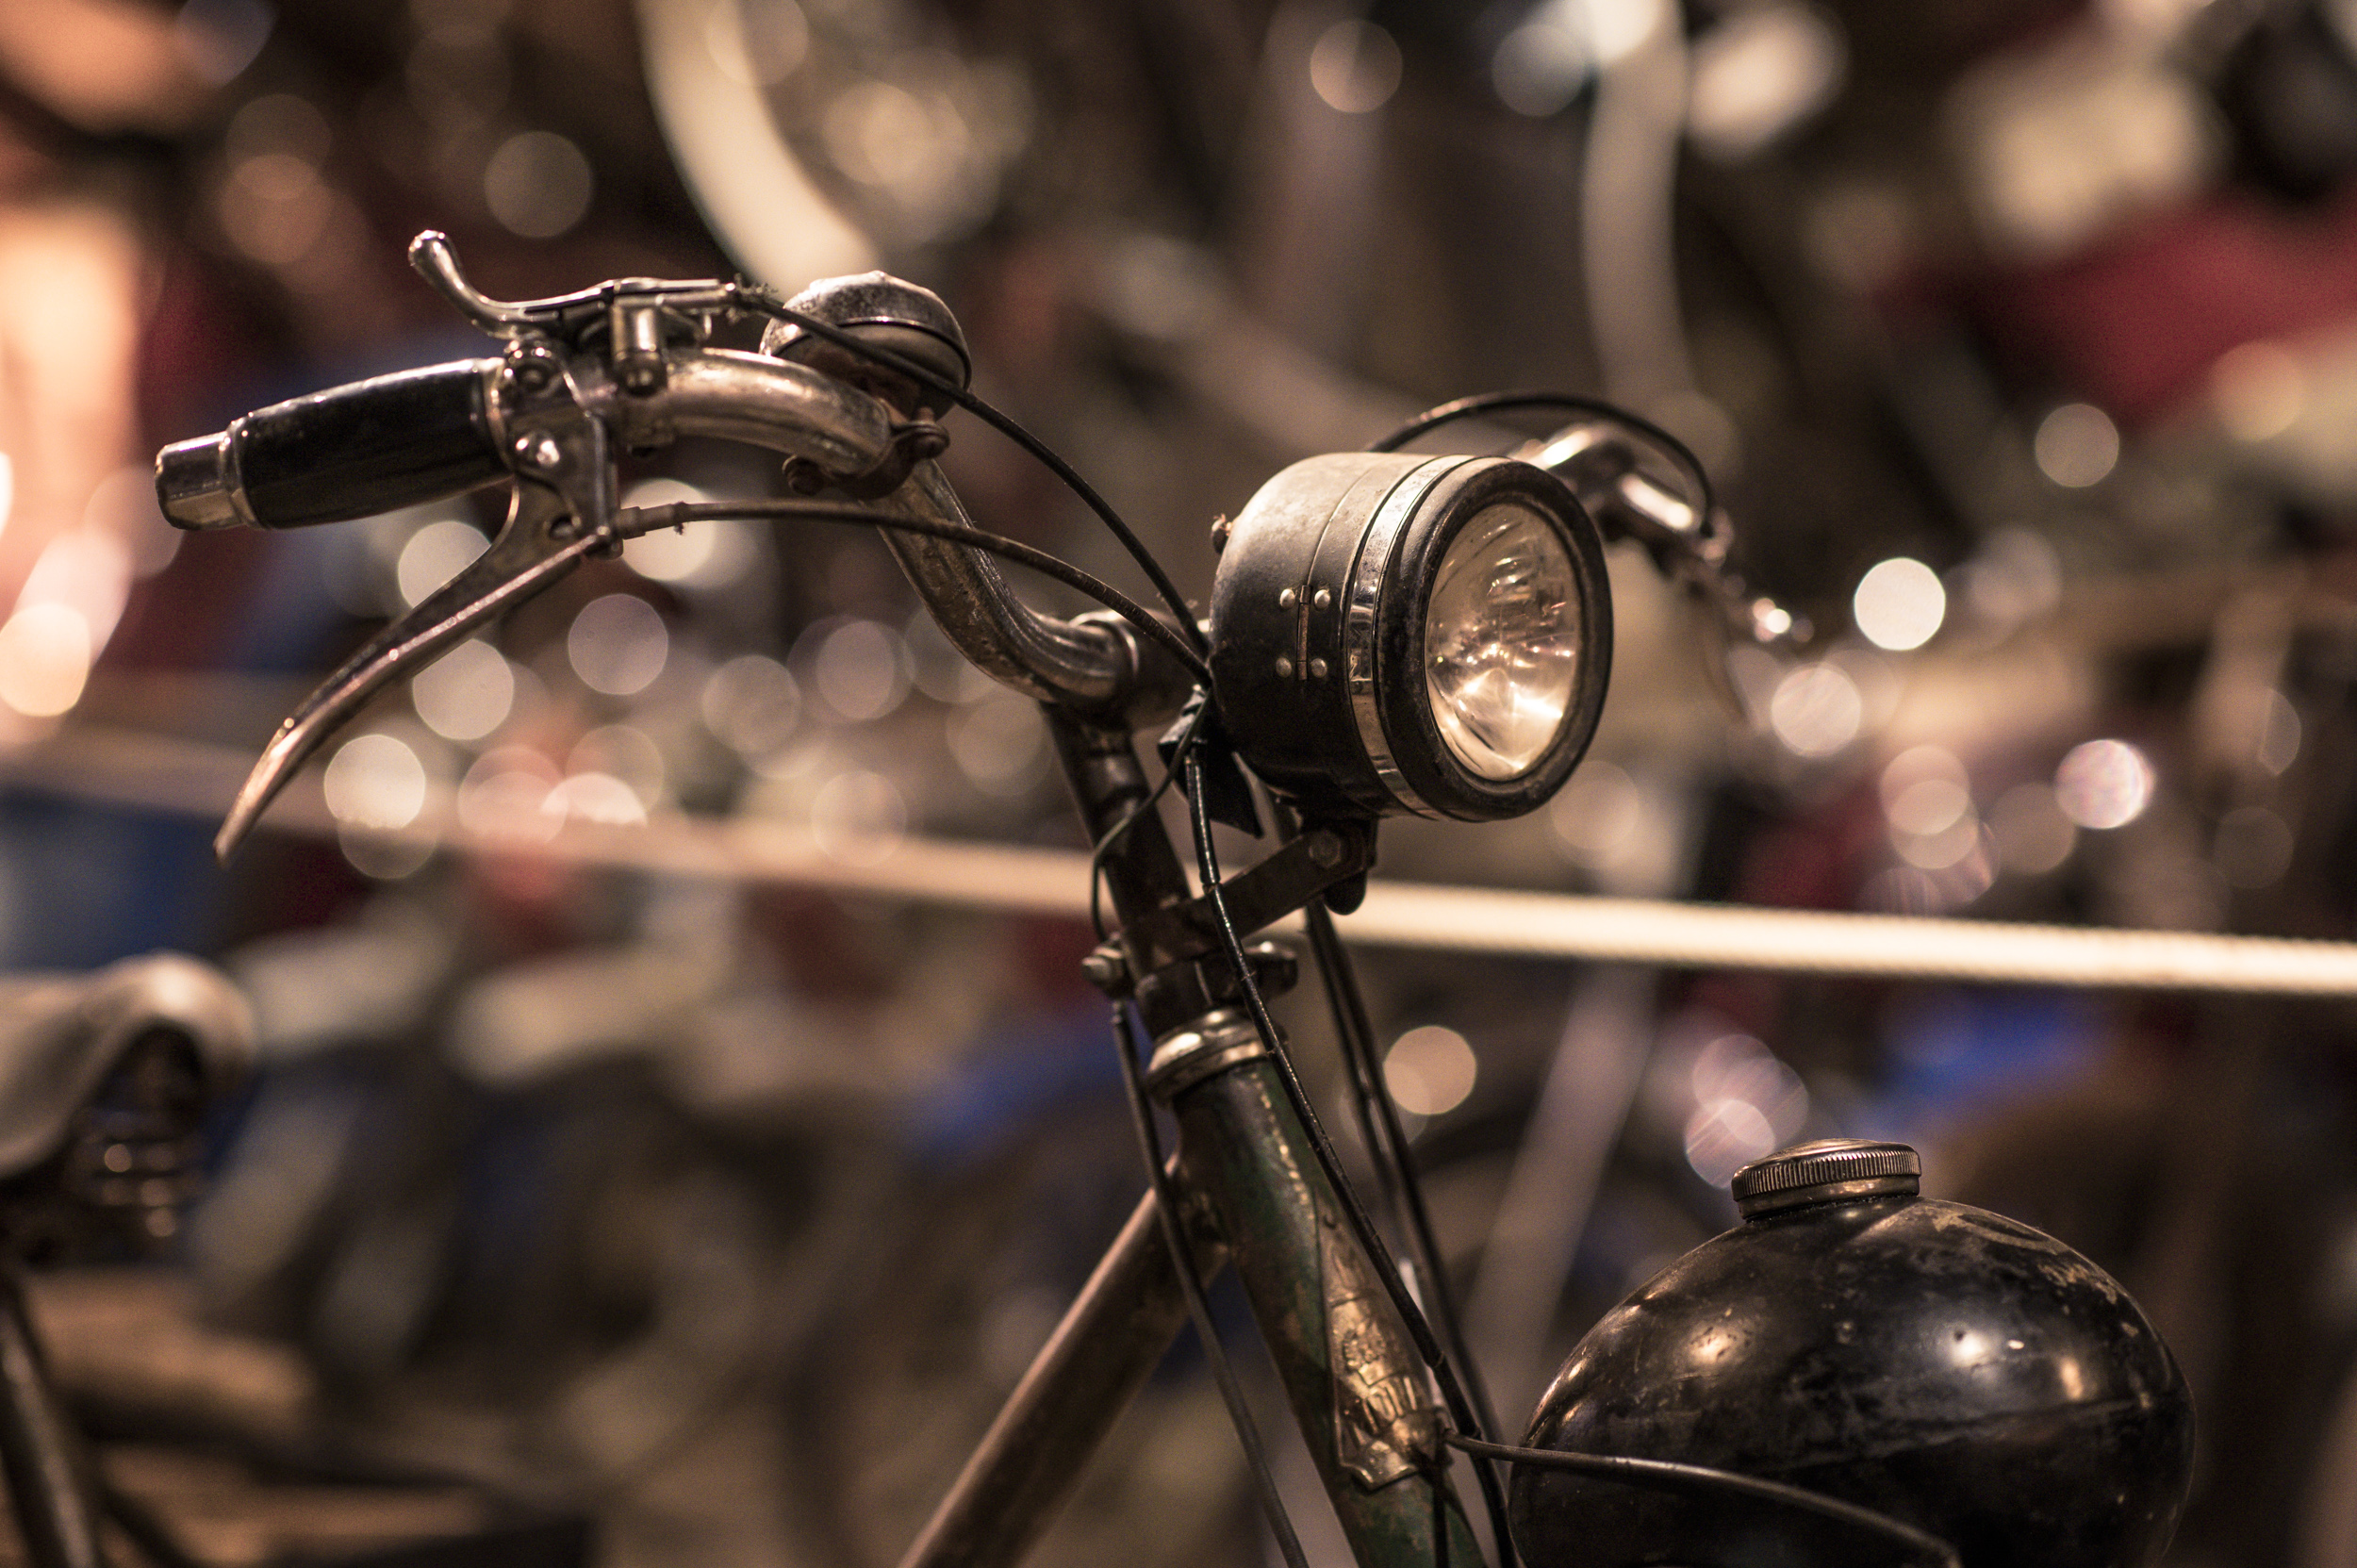 Cykel med framhjulsdrift. Motorn kommer på senare bild!